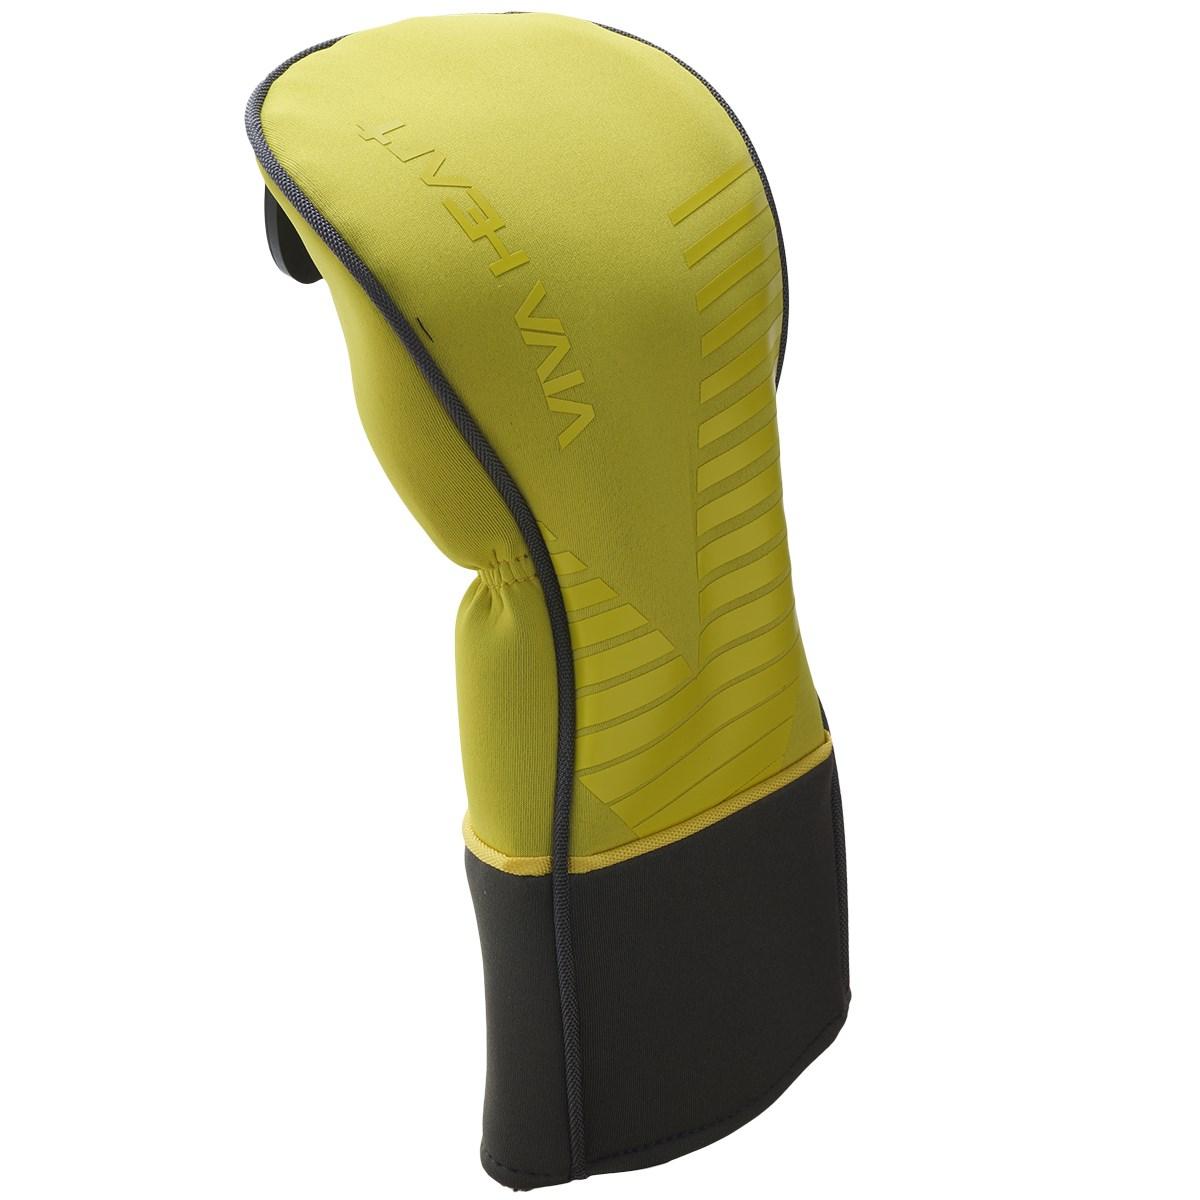 ビバハート VIVA HEART GDO限定 ネオプレーンヘッドカバー FW用 イエロー 32 メンズ ゴルフ